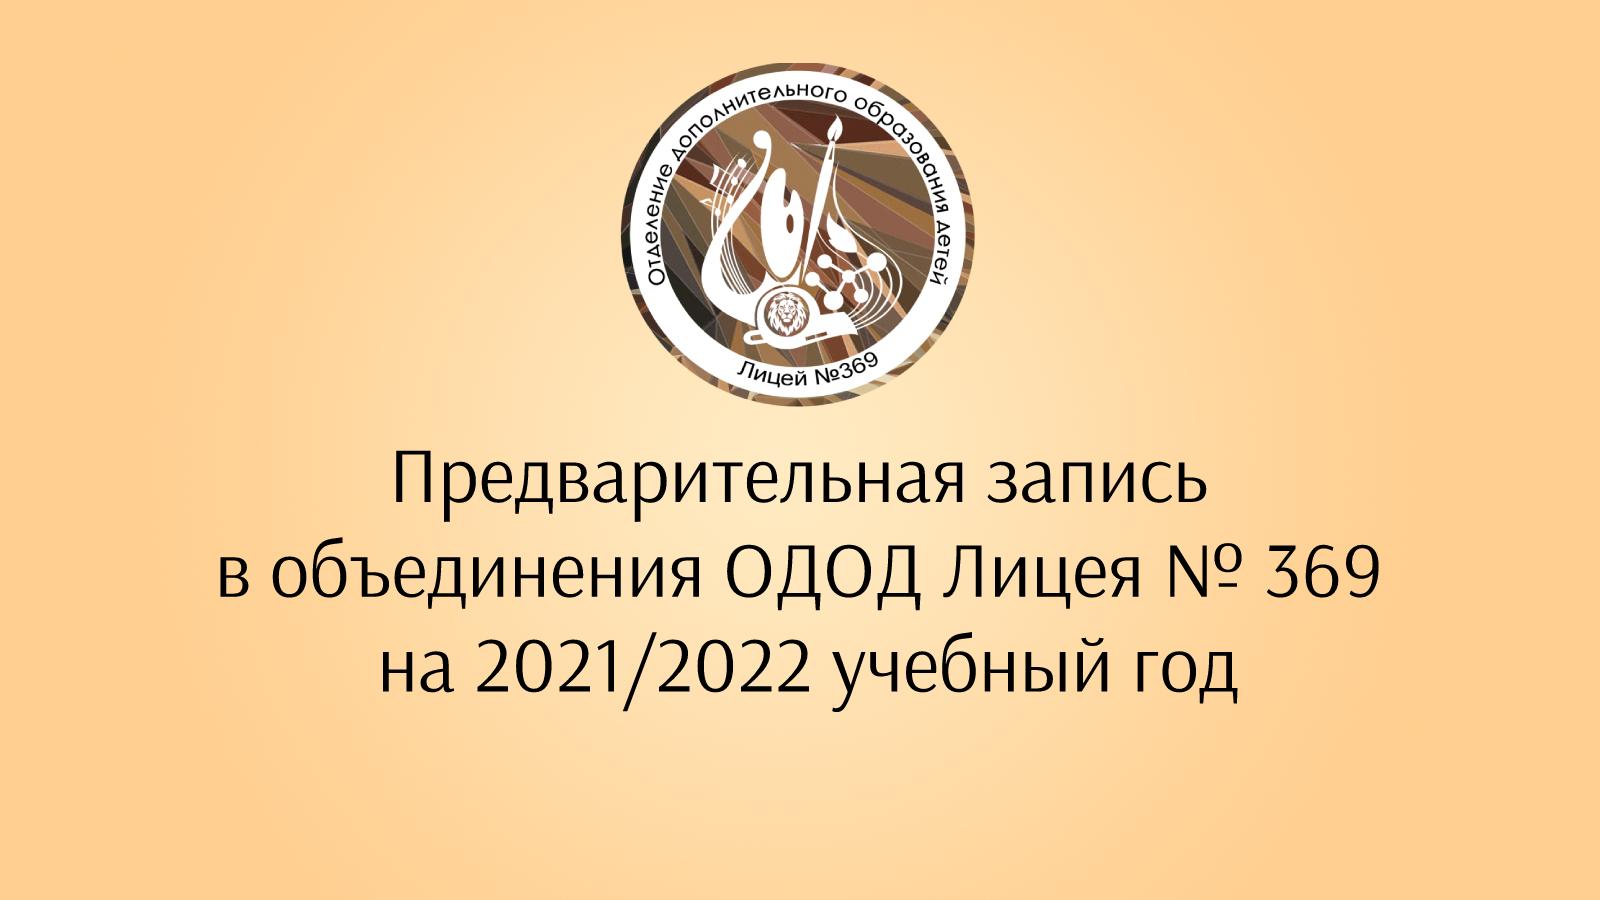 Запись в ОДОД на 2021/2022 учебный год